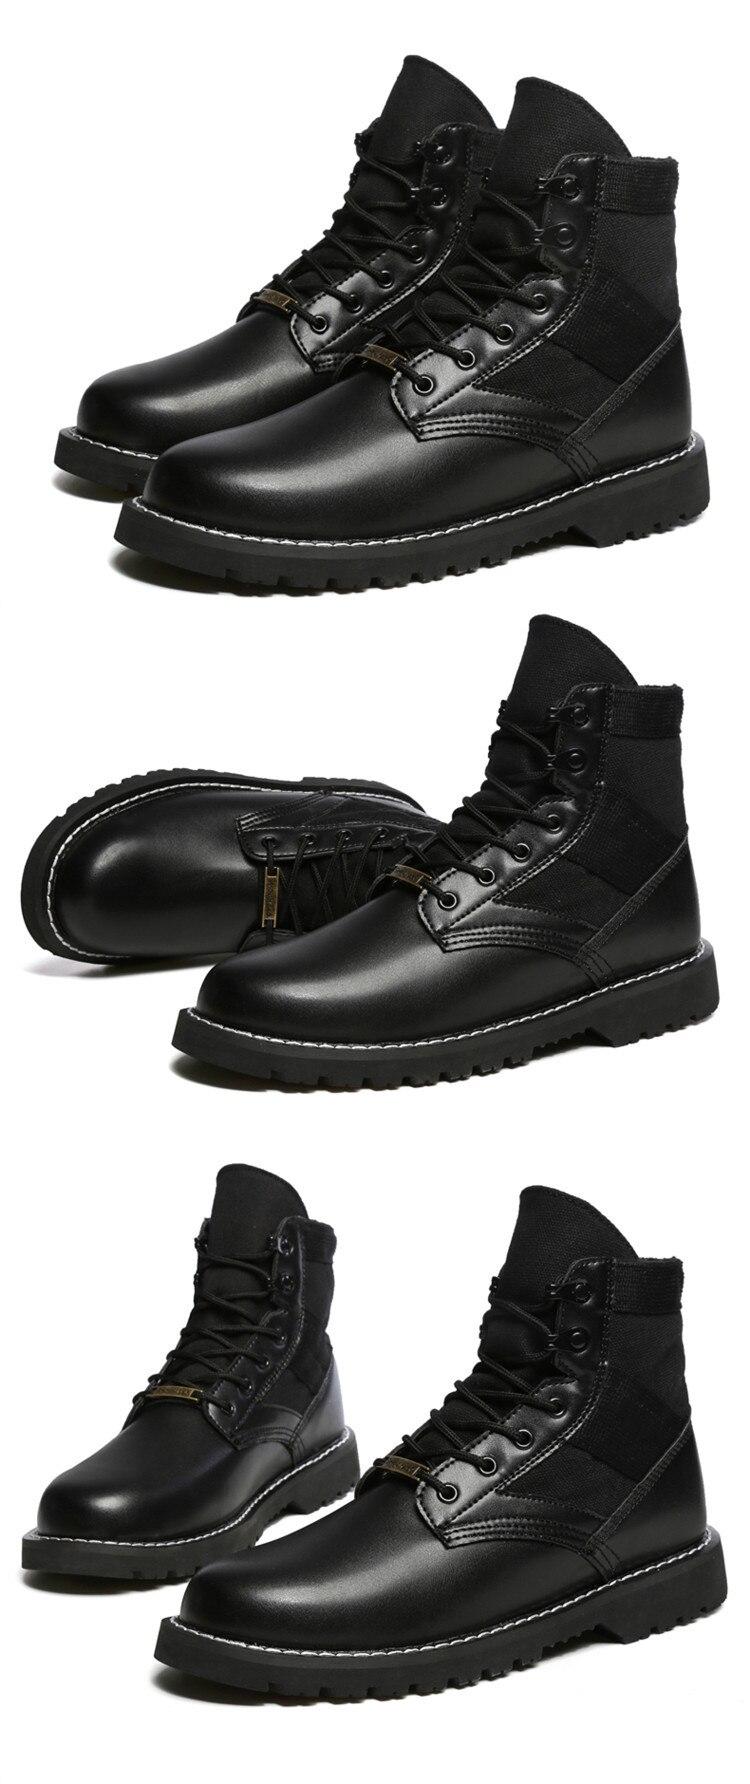 shoes men winter